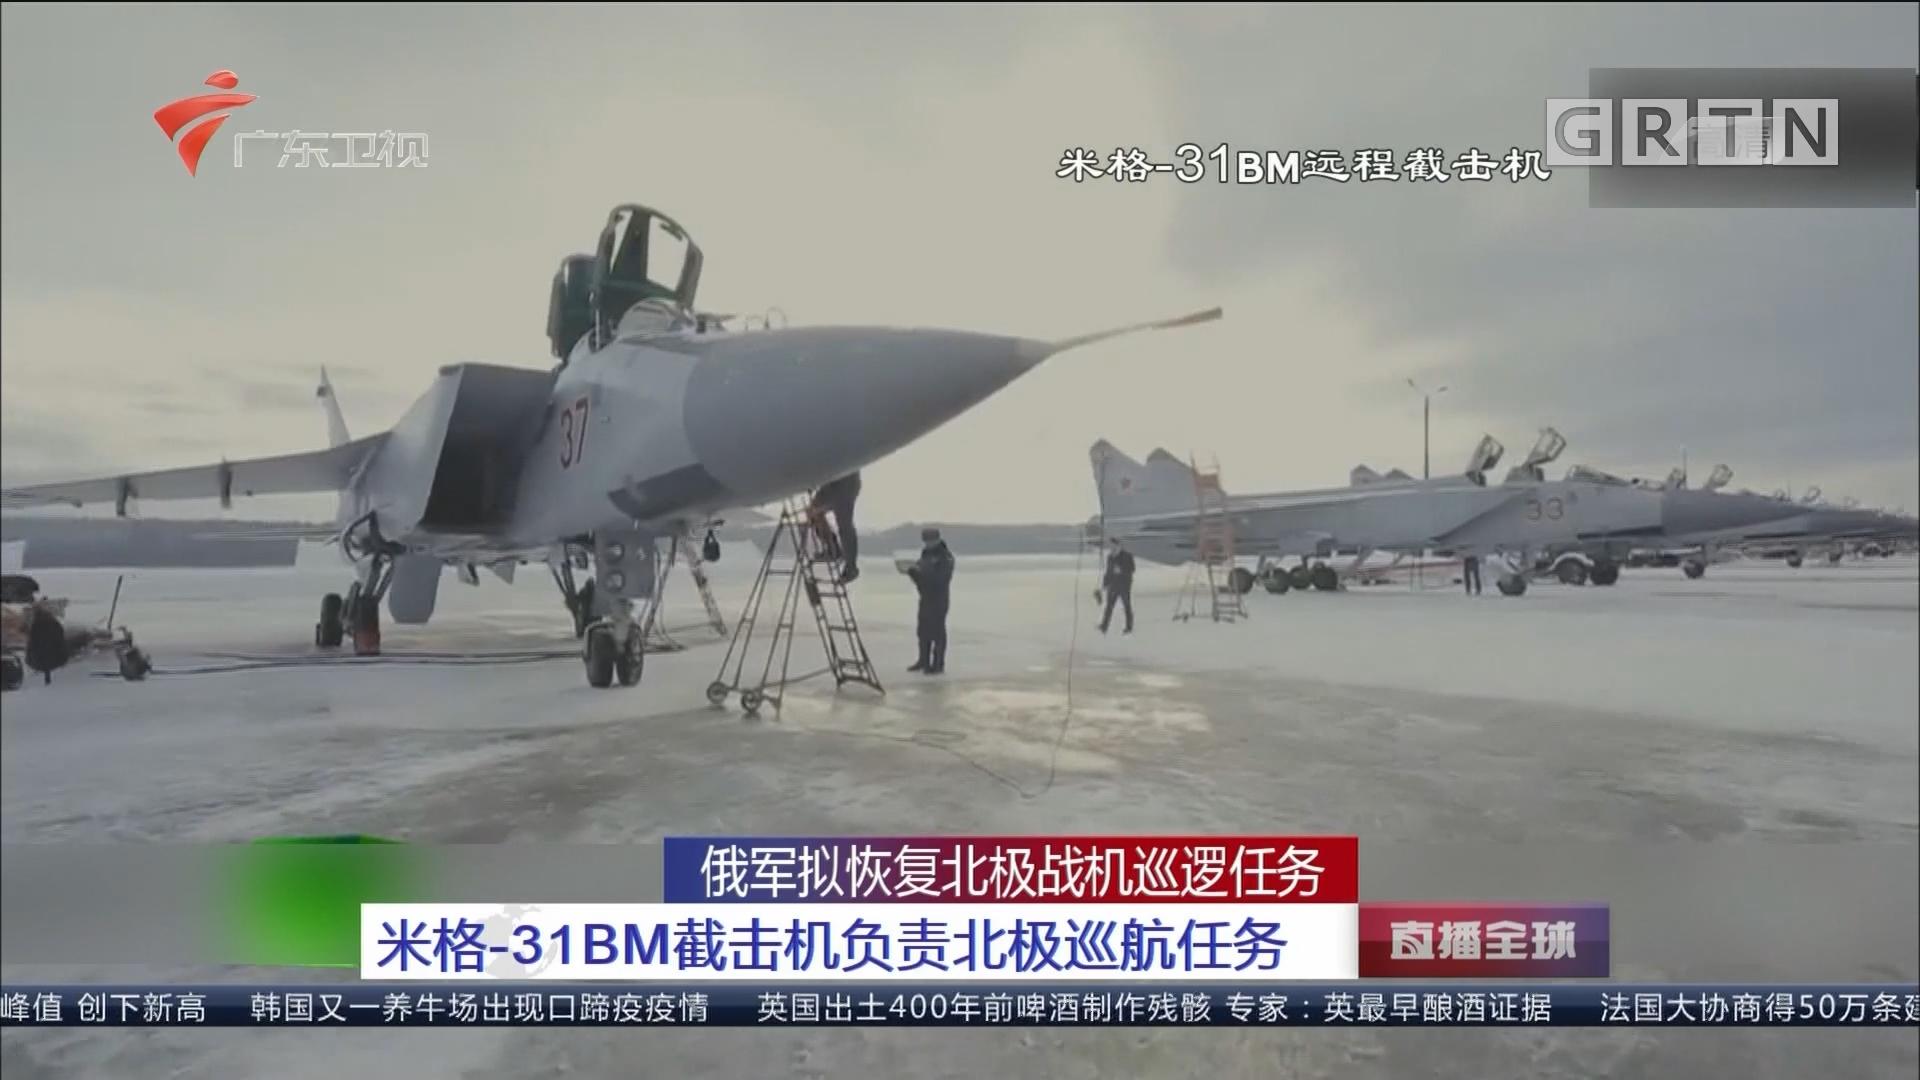 俄军拟恢复北极战机巡逻任务:米格-31BM截击机负责北极巡航任务